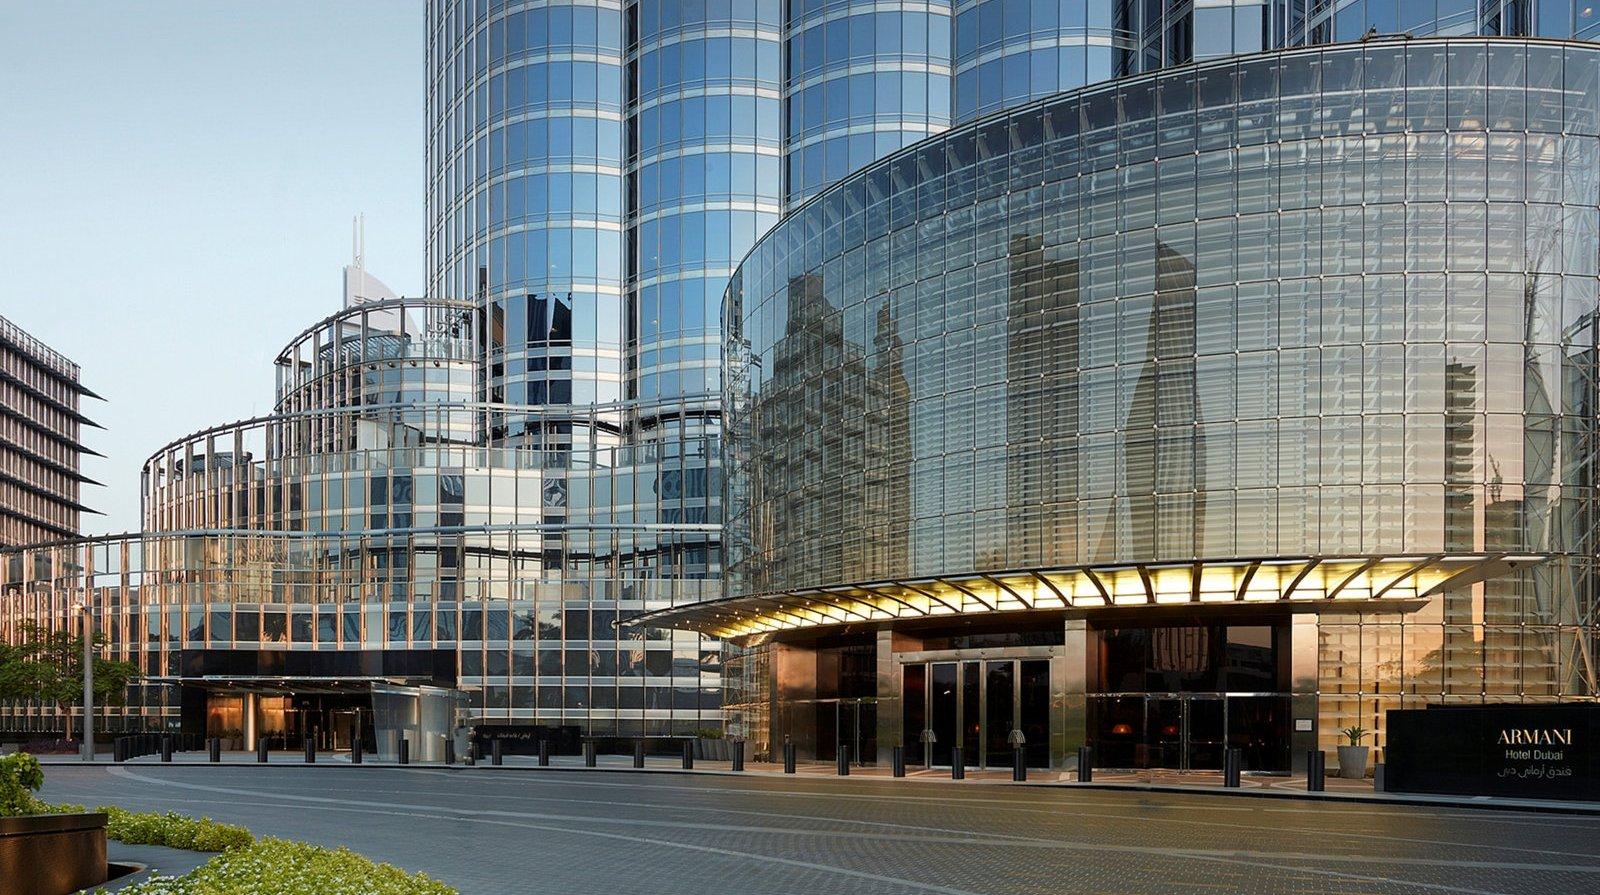 Review Amal Armani Hotel Dubai